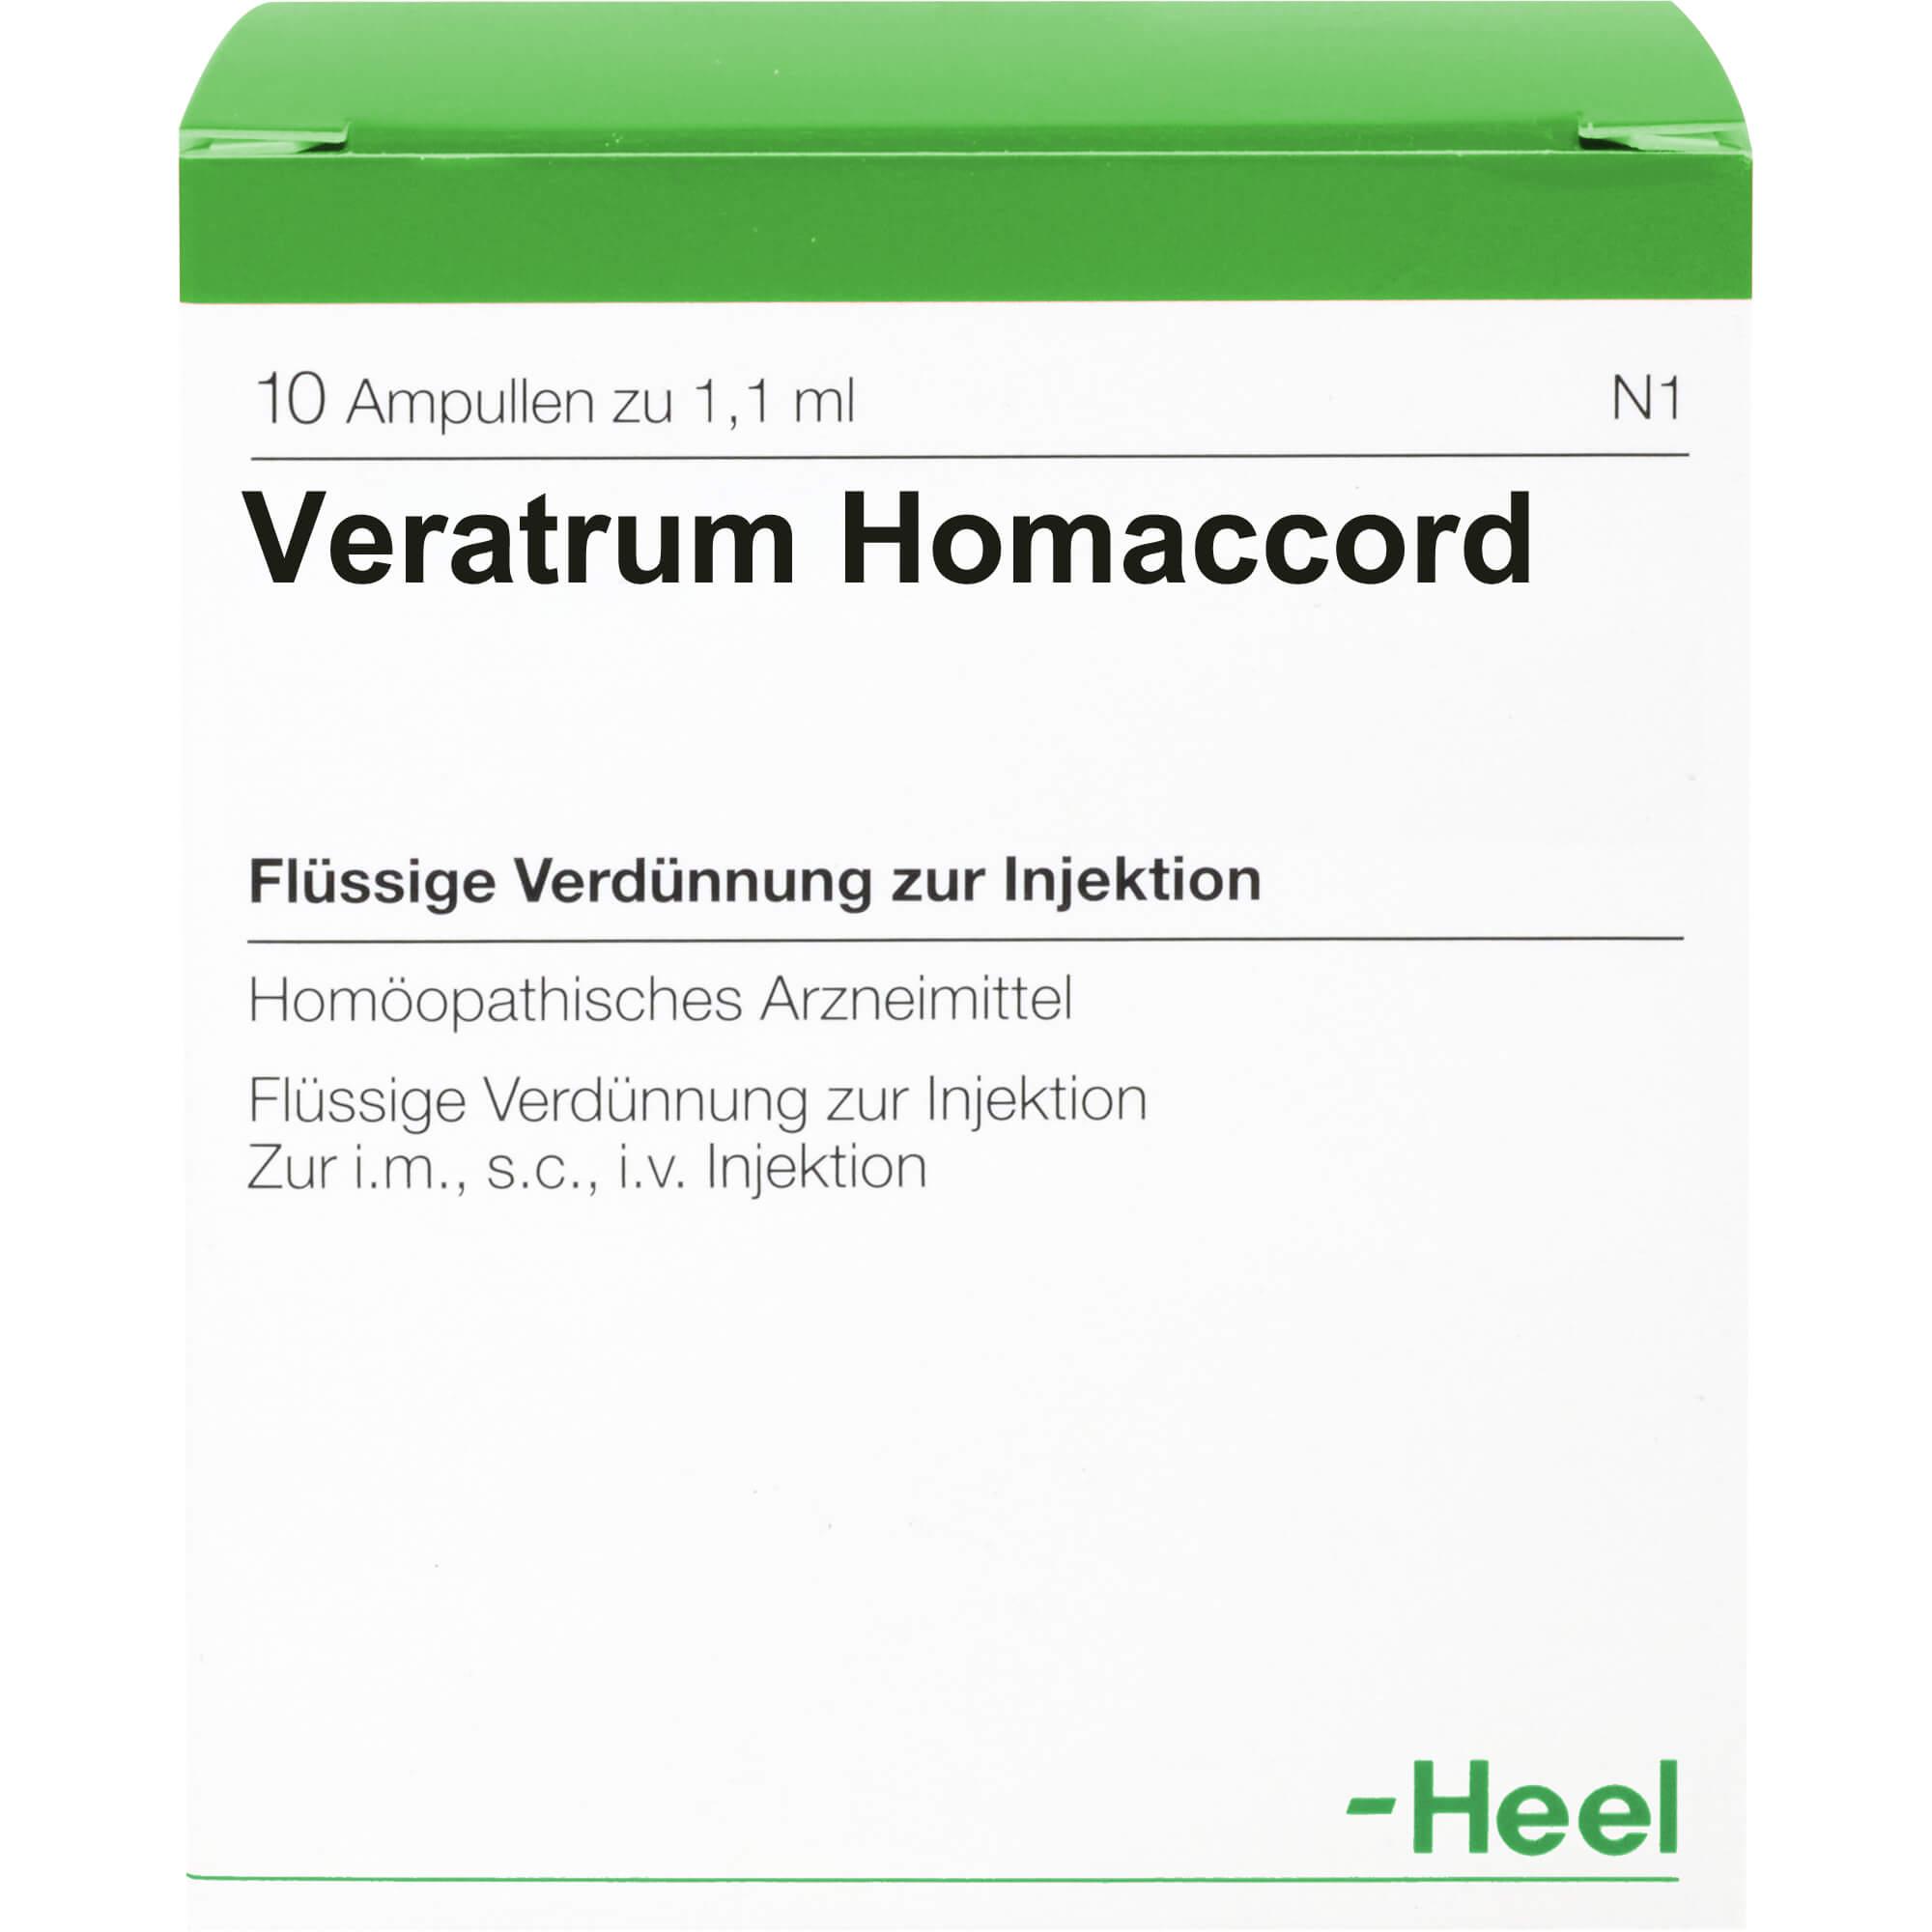 VERATRUM HOMACCORD Ampullen